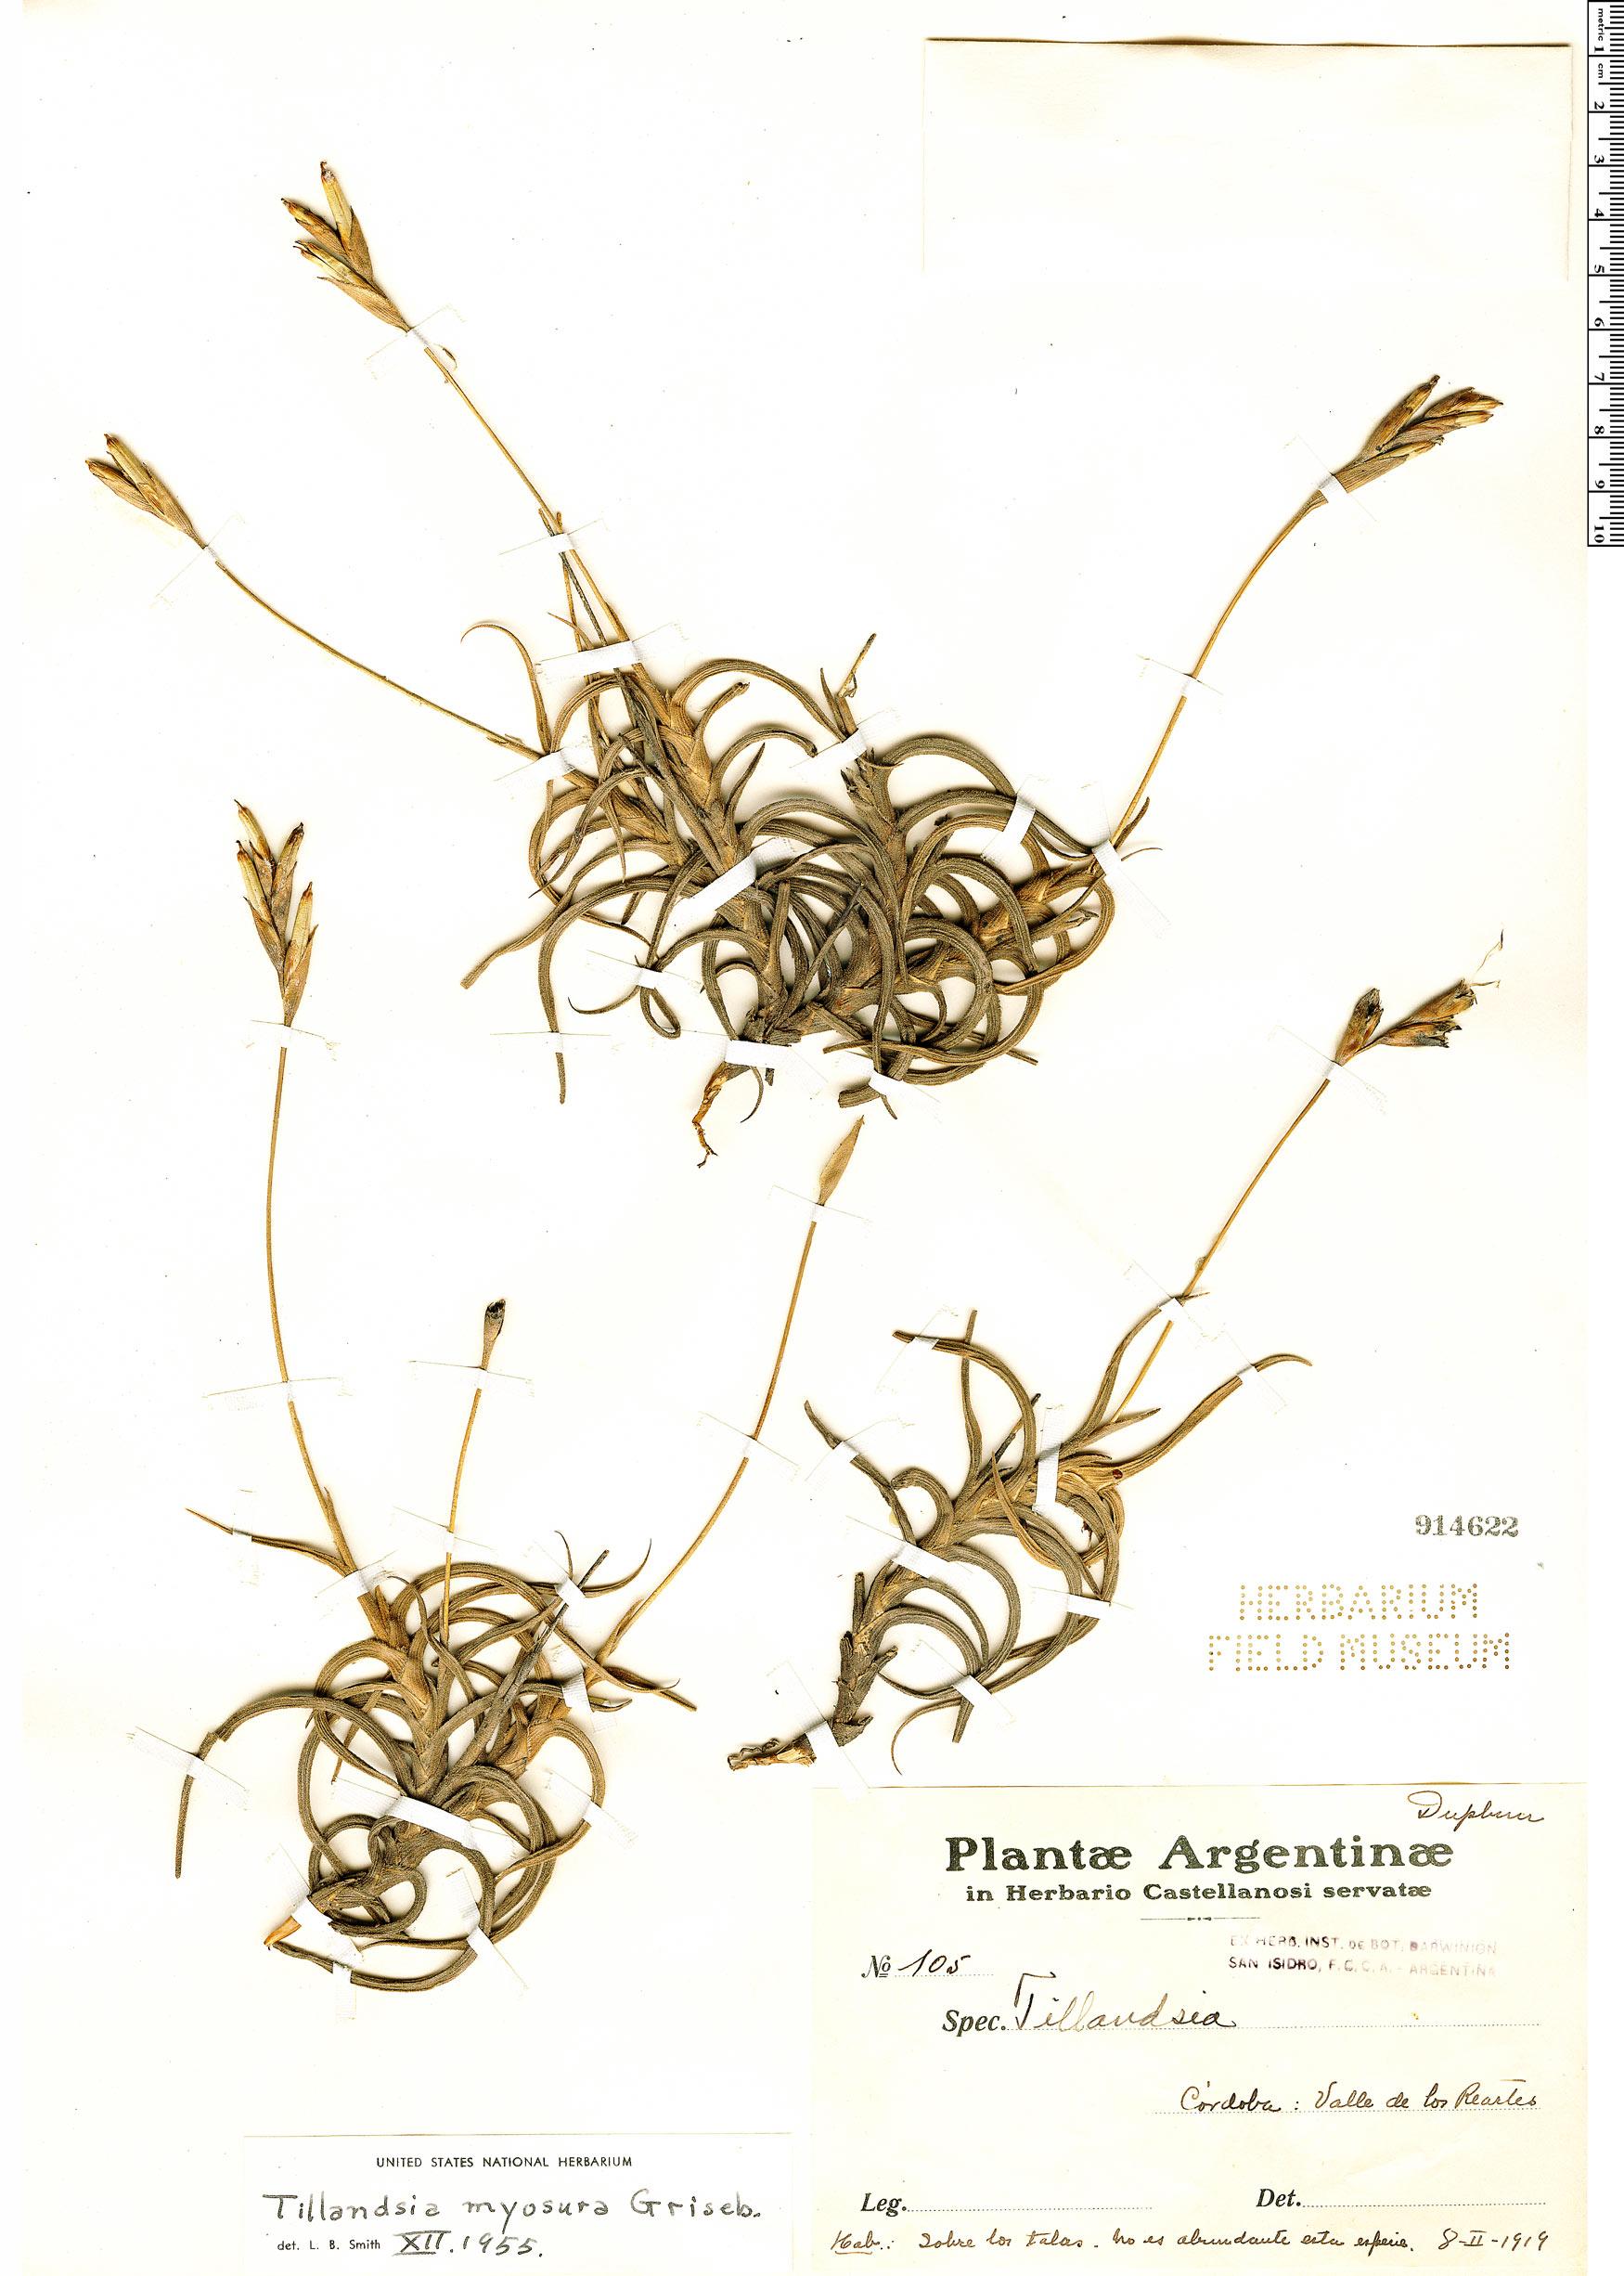 Specimen: Tillandsia myosura